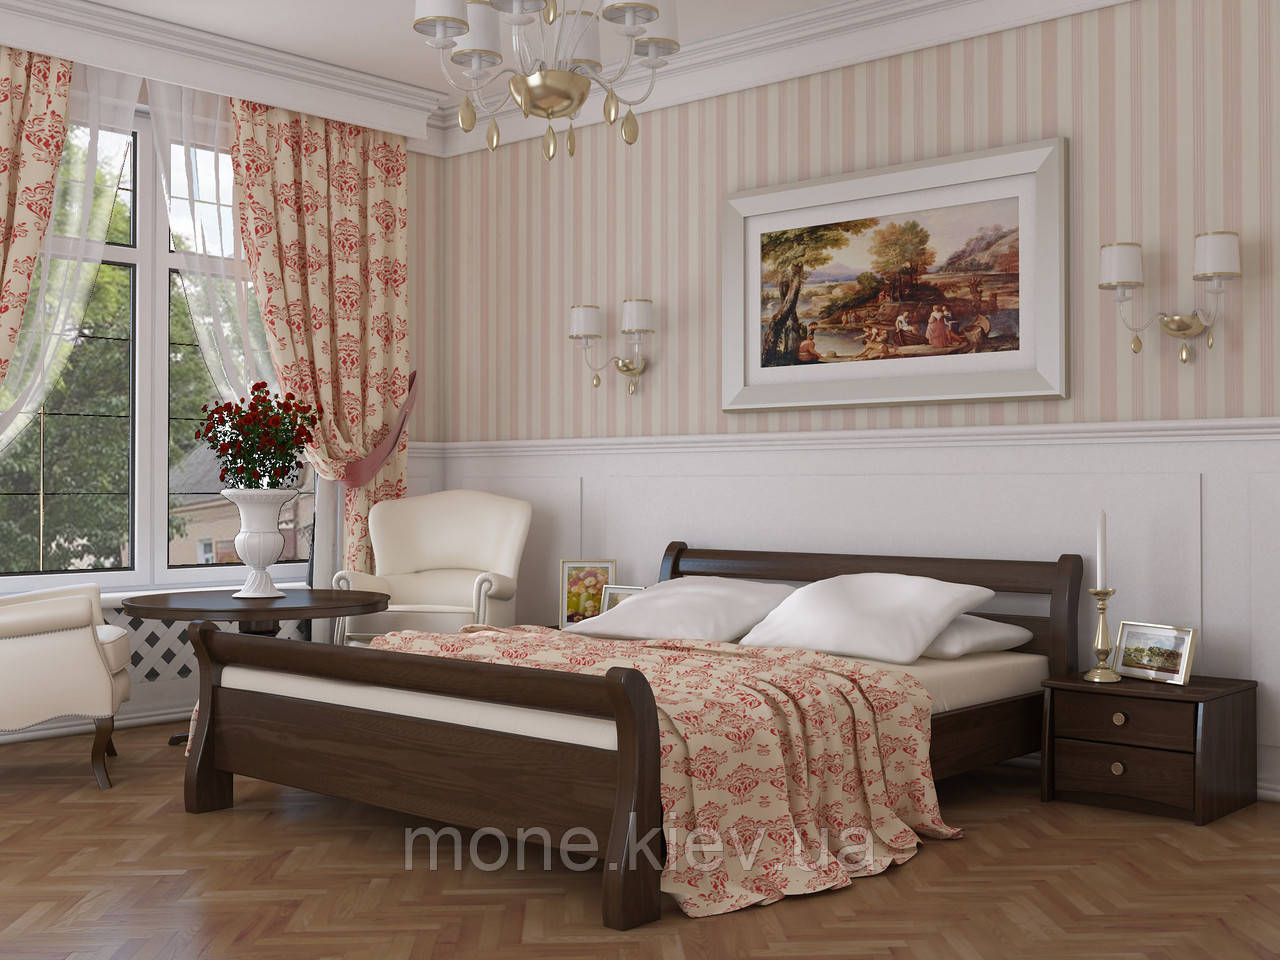 Кровать полуторная Диана деревянная из бука